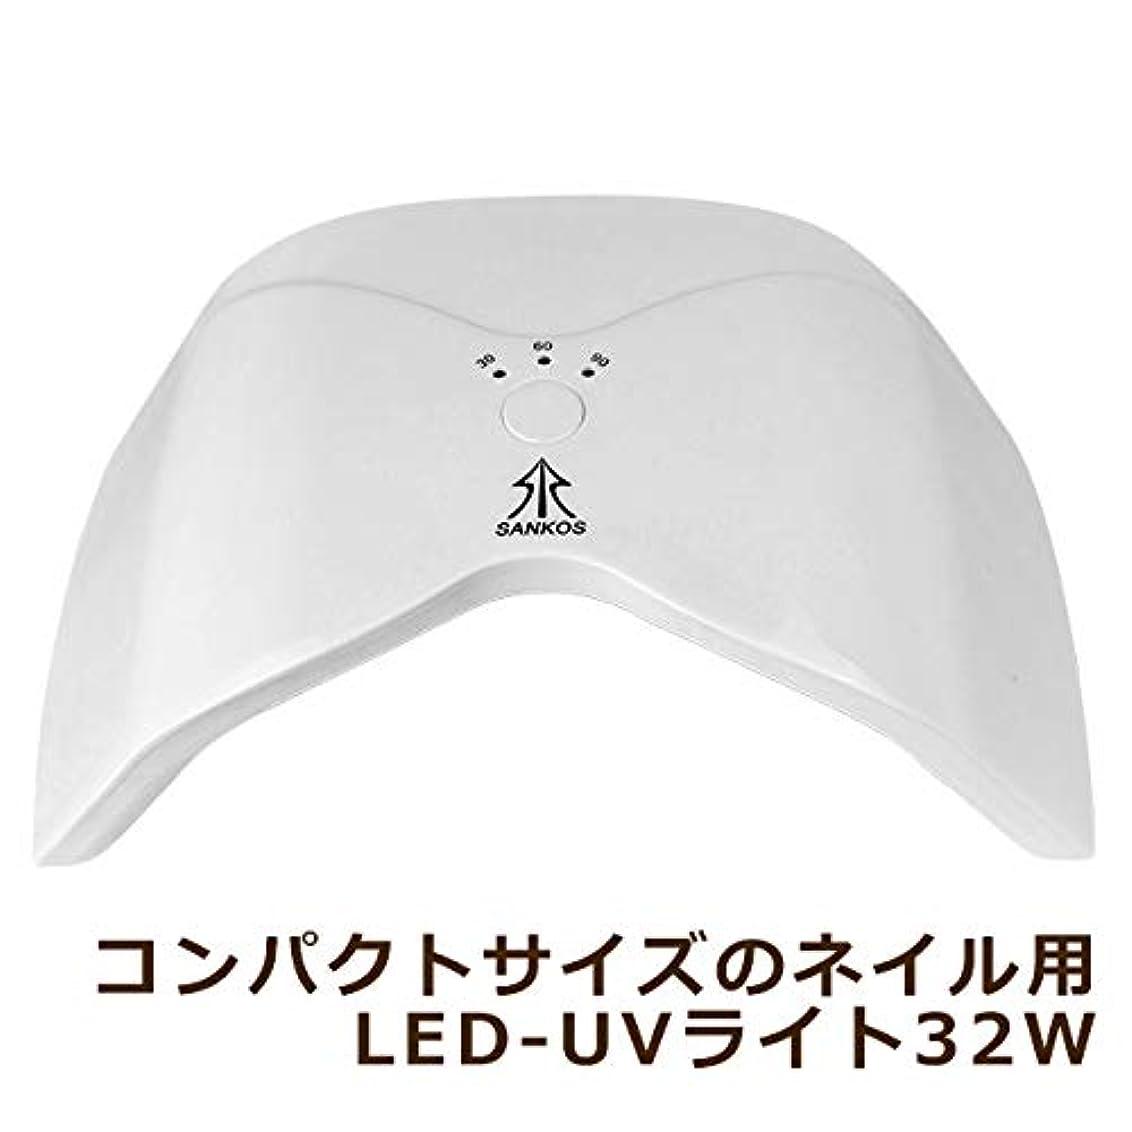 斧主流熟す【新入荷】コンパクトサイズ ネイル用 LED-UVライト 32W (LED&UV両方対応)30秒?60秒?90秒タイマー付 (ホワイト)